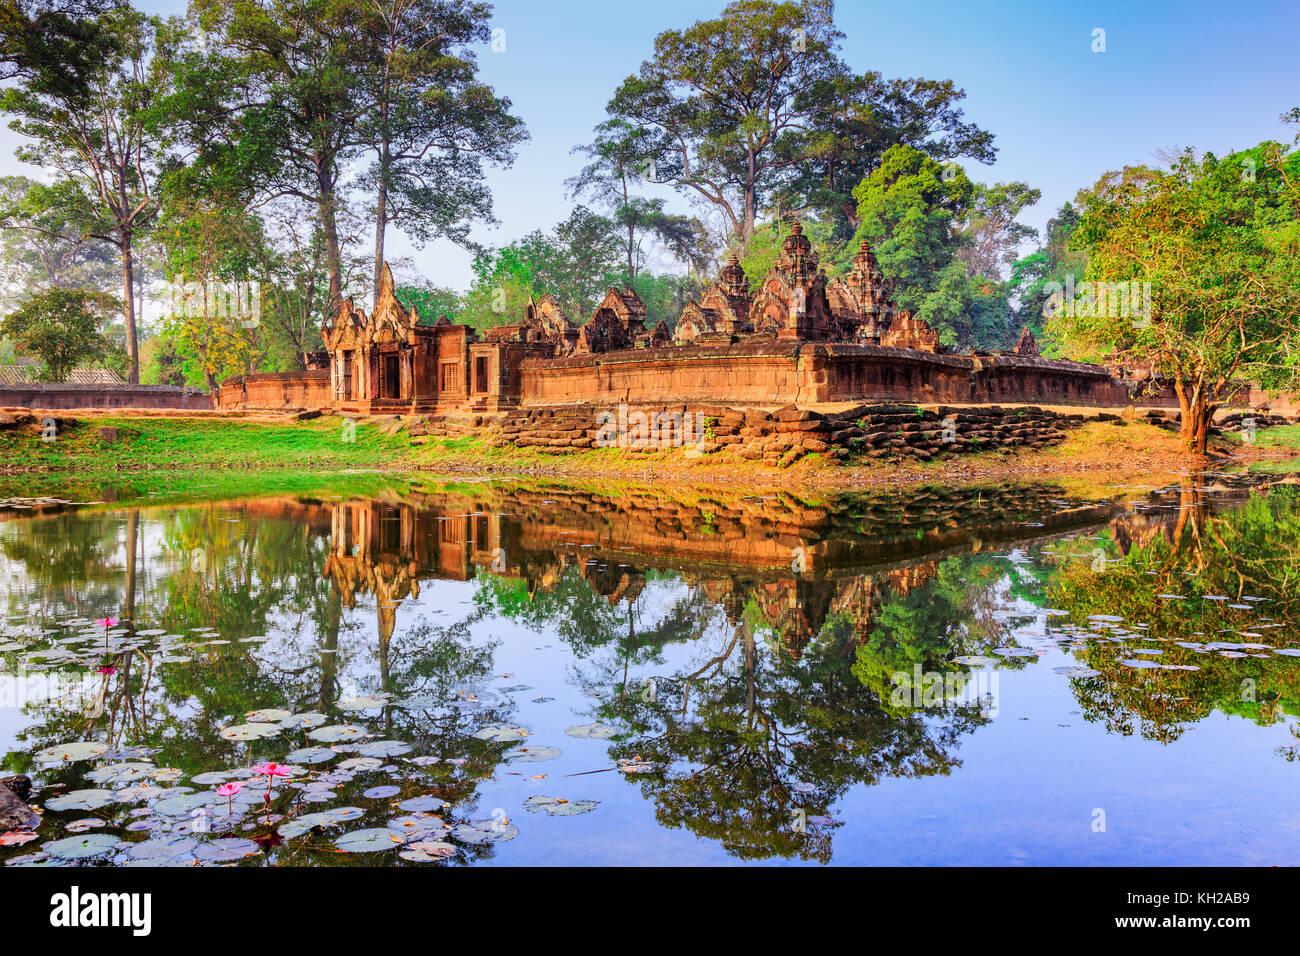 Angkor, Cambogia. il Banteay Srei (cittadella delle donne) tempio. Immagini Stock